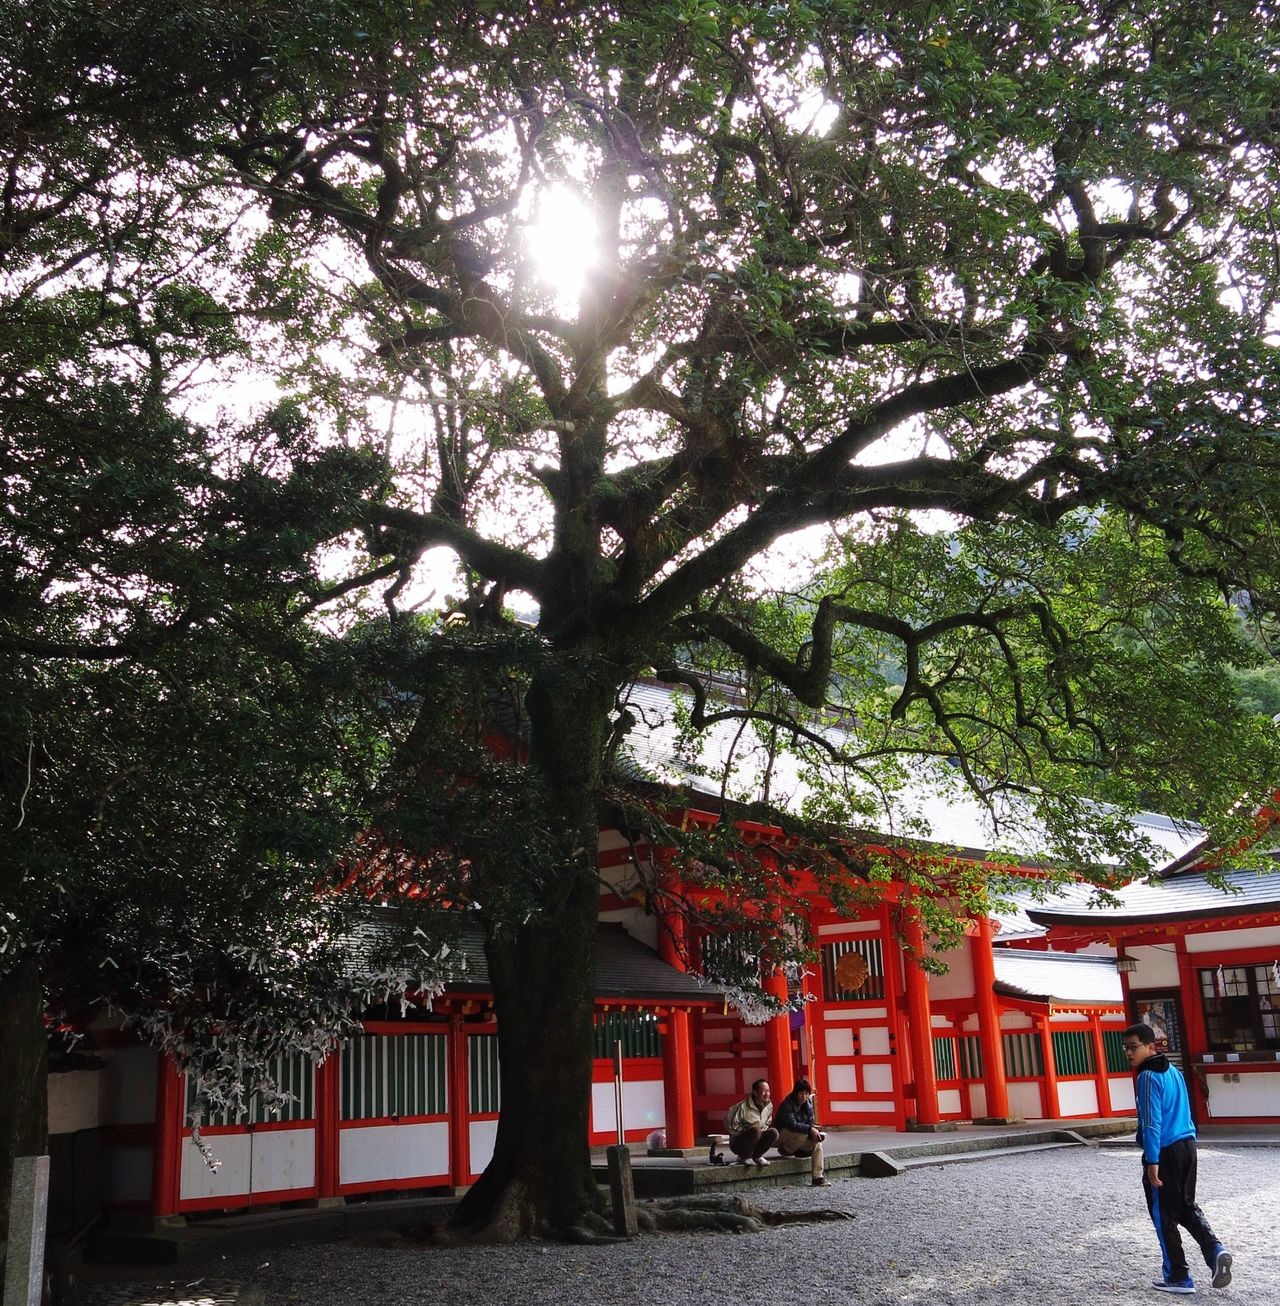 Shinto Shrine Shrine Wakayama Japan 速玉大社 Tree